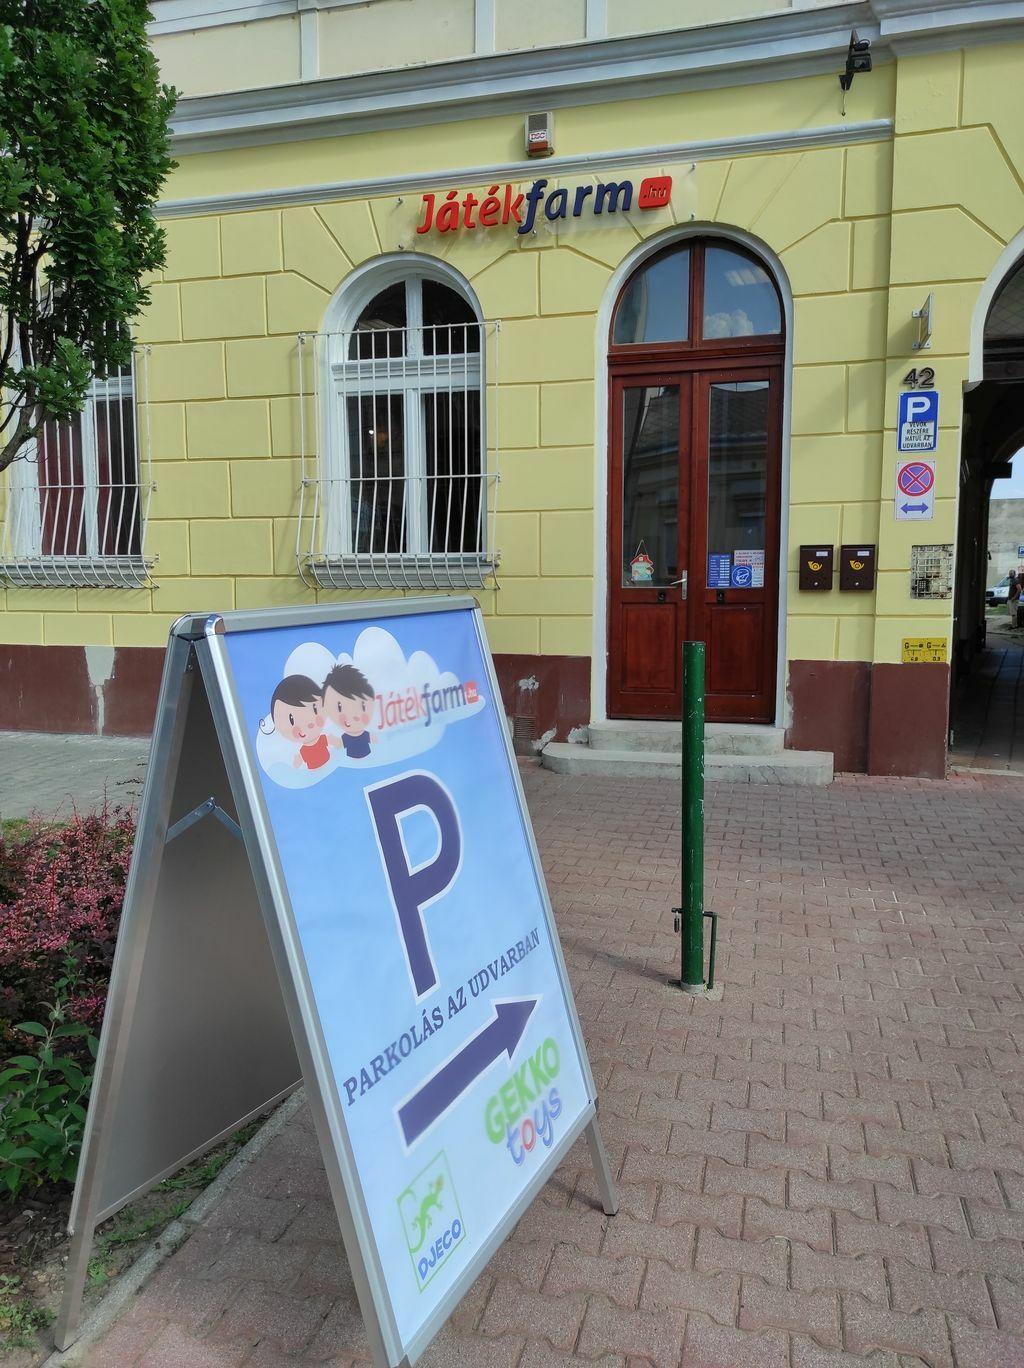 Játékbolt Debrecen Játékfarm Vámospércsi út 40